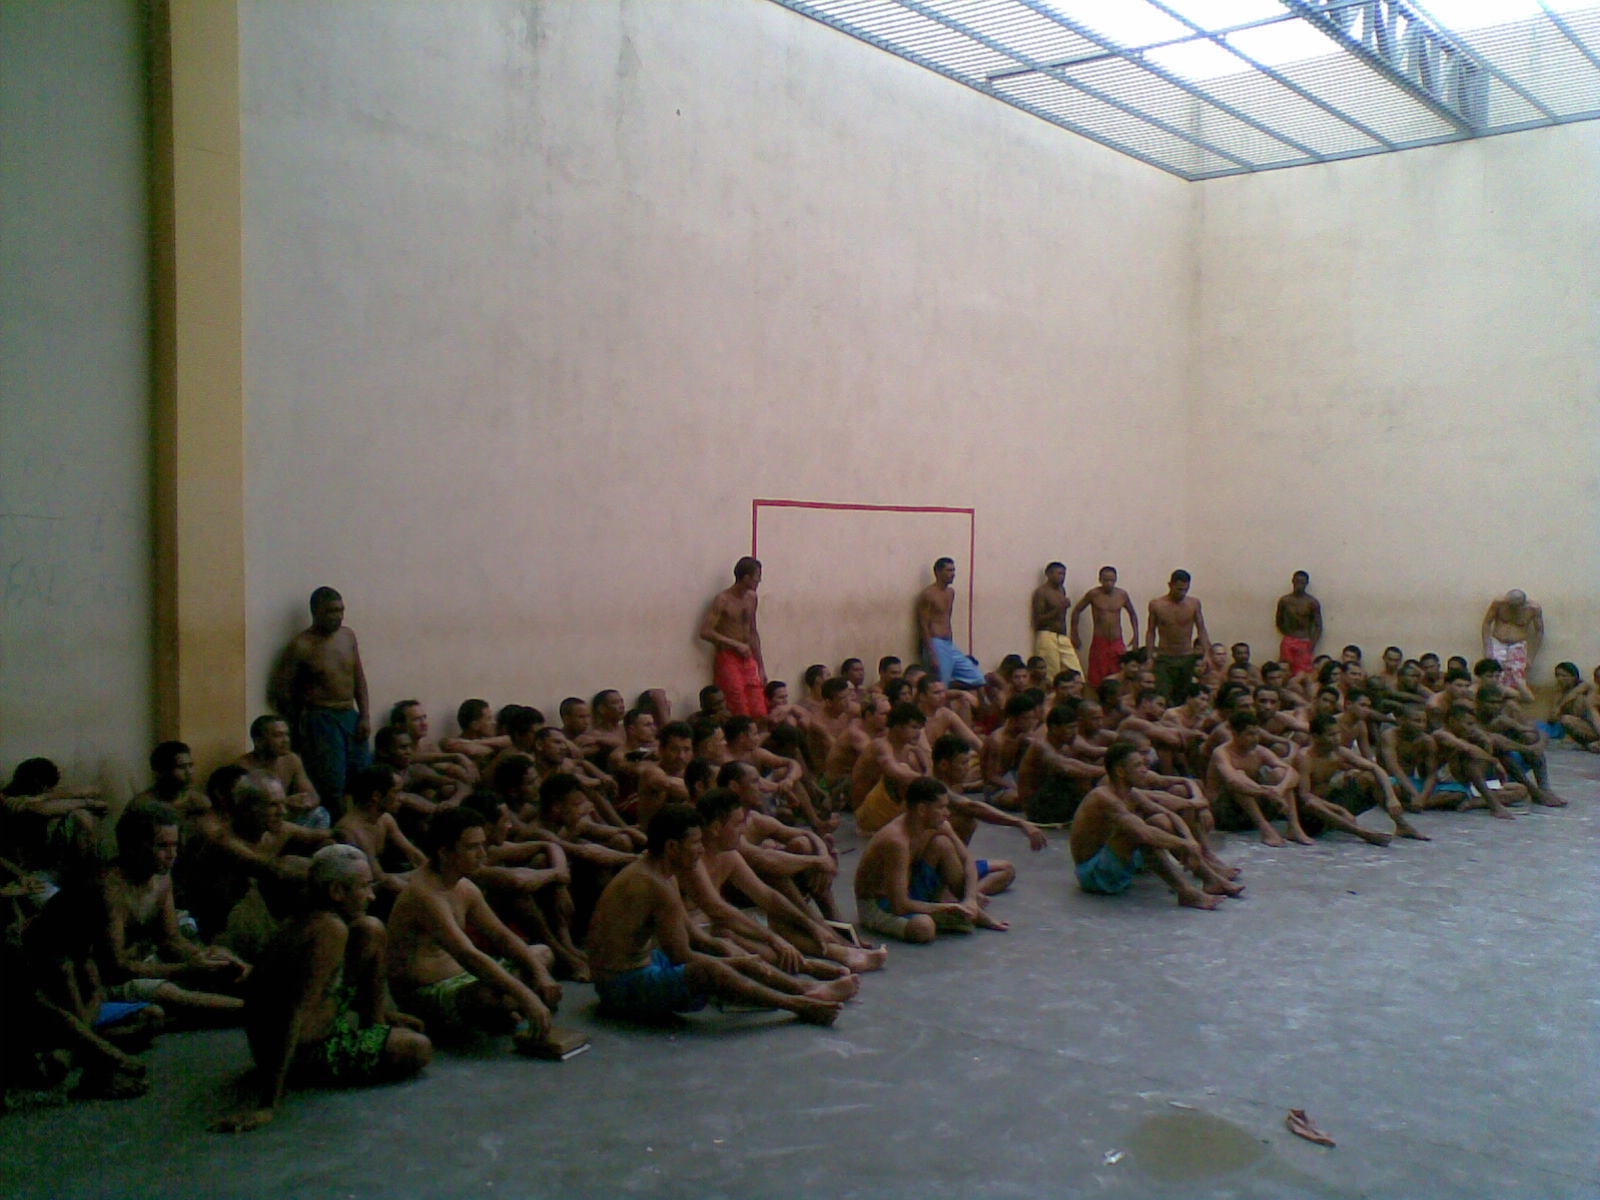 【グロ 画像】土人国家の刑務所内でリアルデスマッチが開催されるw